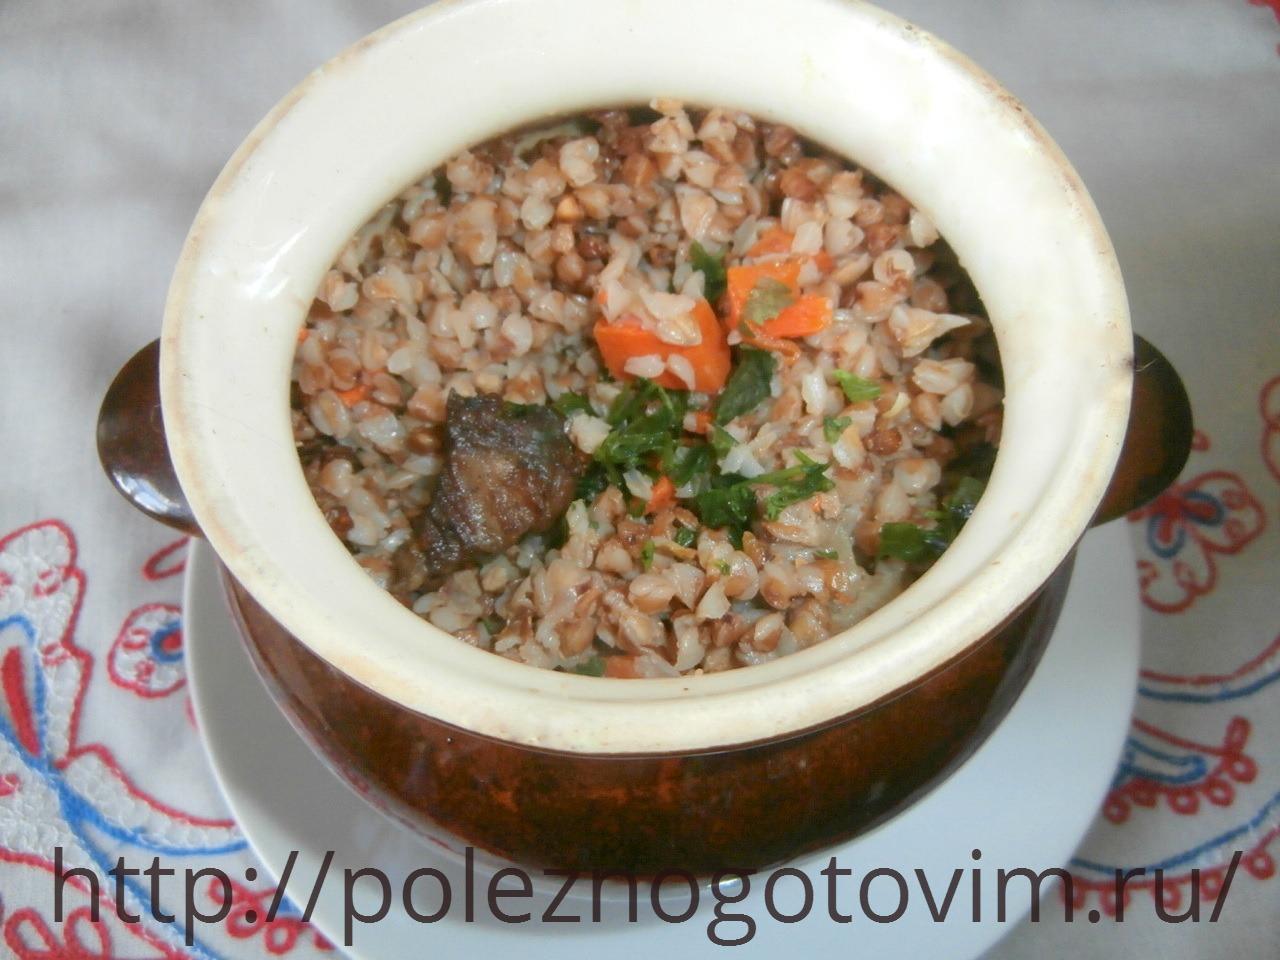 гречка в мясом в горшочке в духовке рецепт с фото